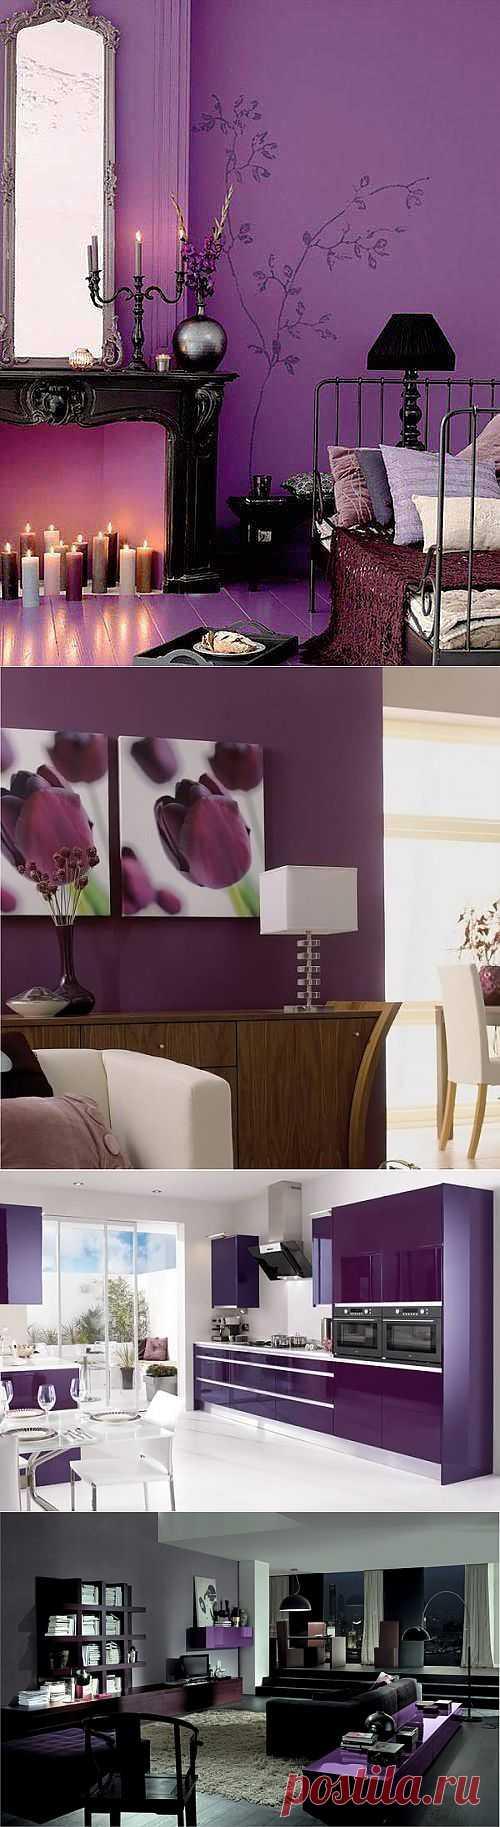 Кто любит фиолетовый? | Наш уютный дом